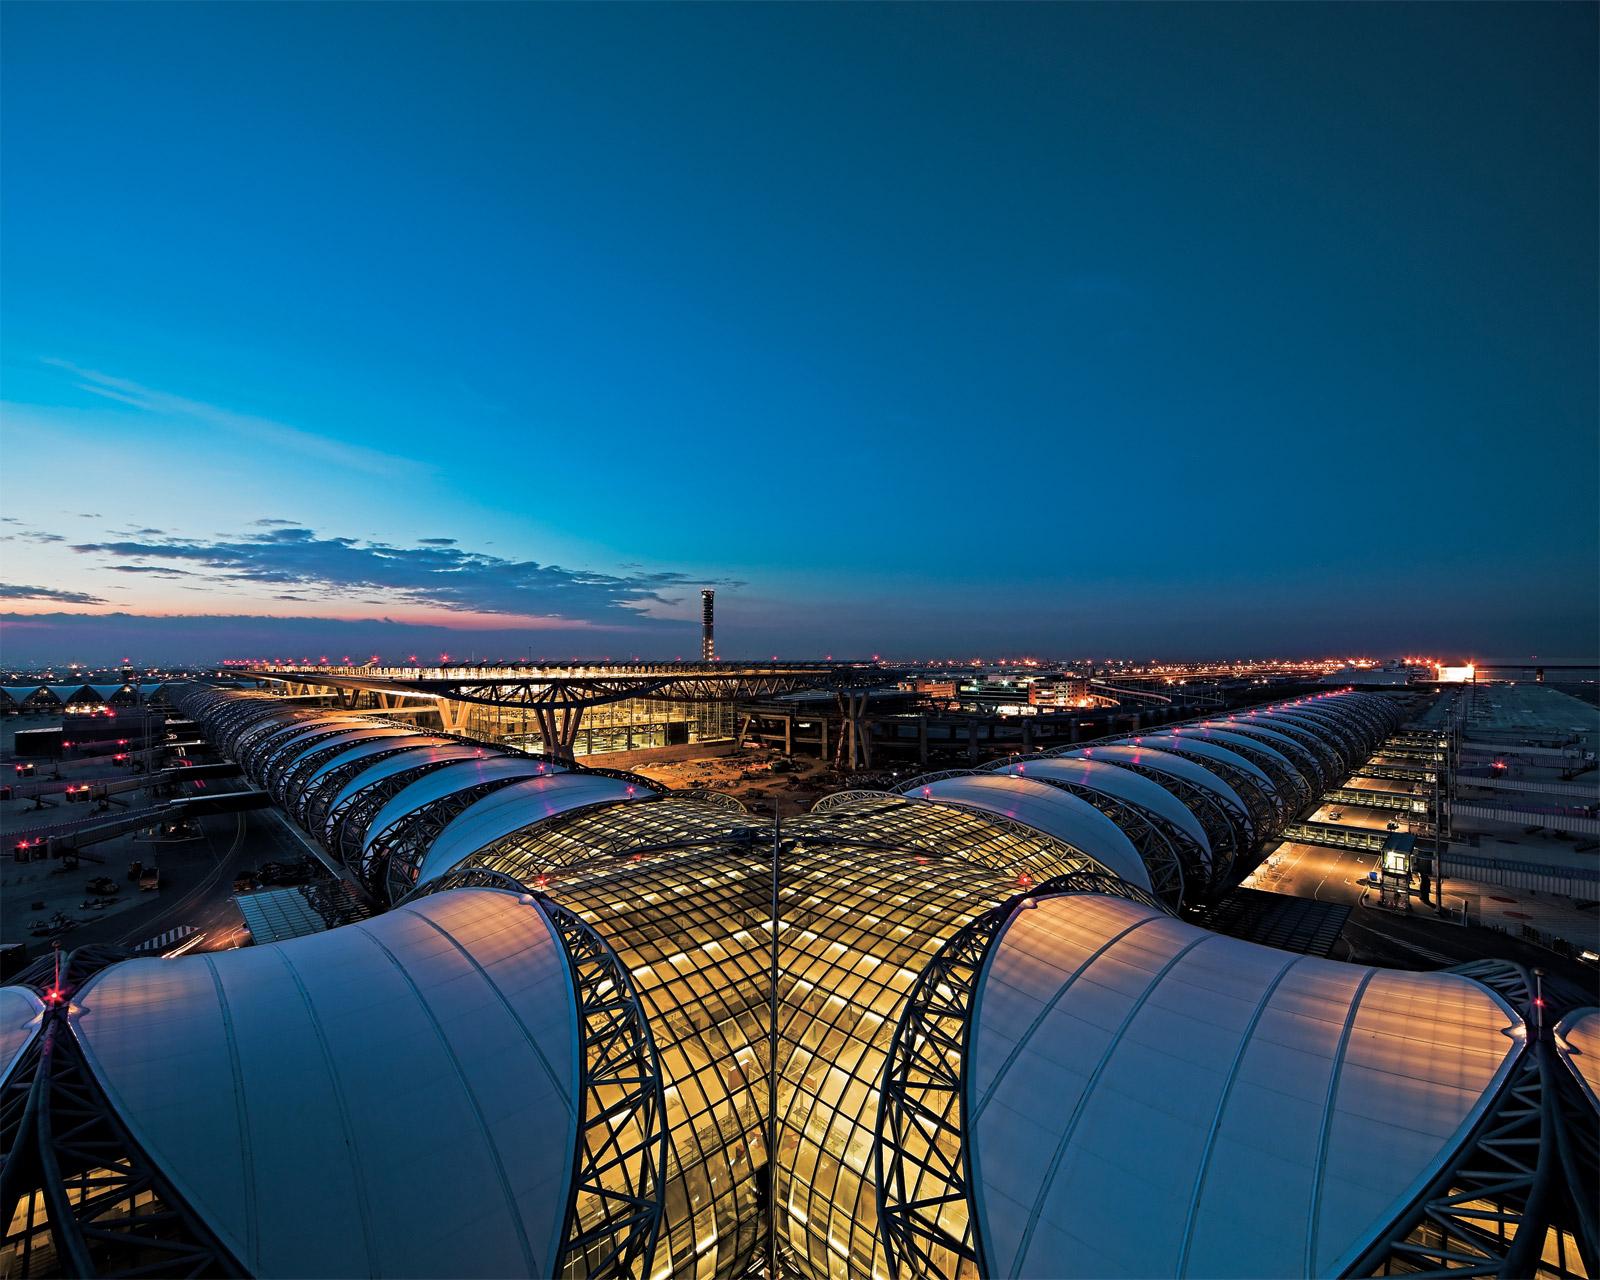 http://4.bp.blogspot.com/-VK88C628vZw/Tgwl4xBqHQI/AAAAAAAABpo/jFeIH_GwaRw/s1600/suvarnabhumi_airport_bankok-sg500_001_mr.jpg